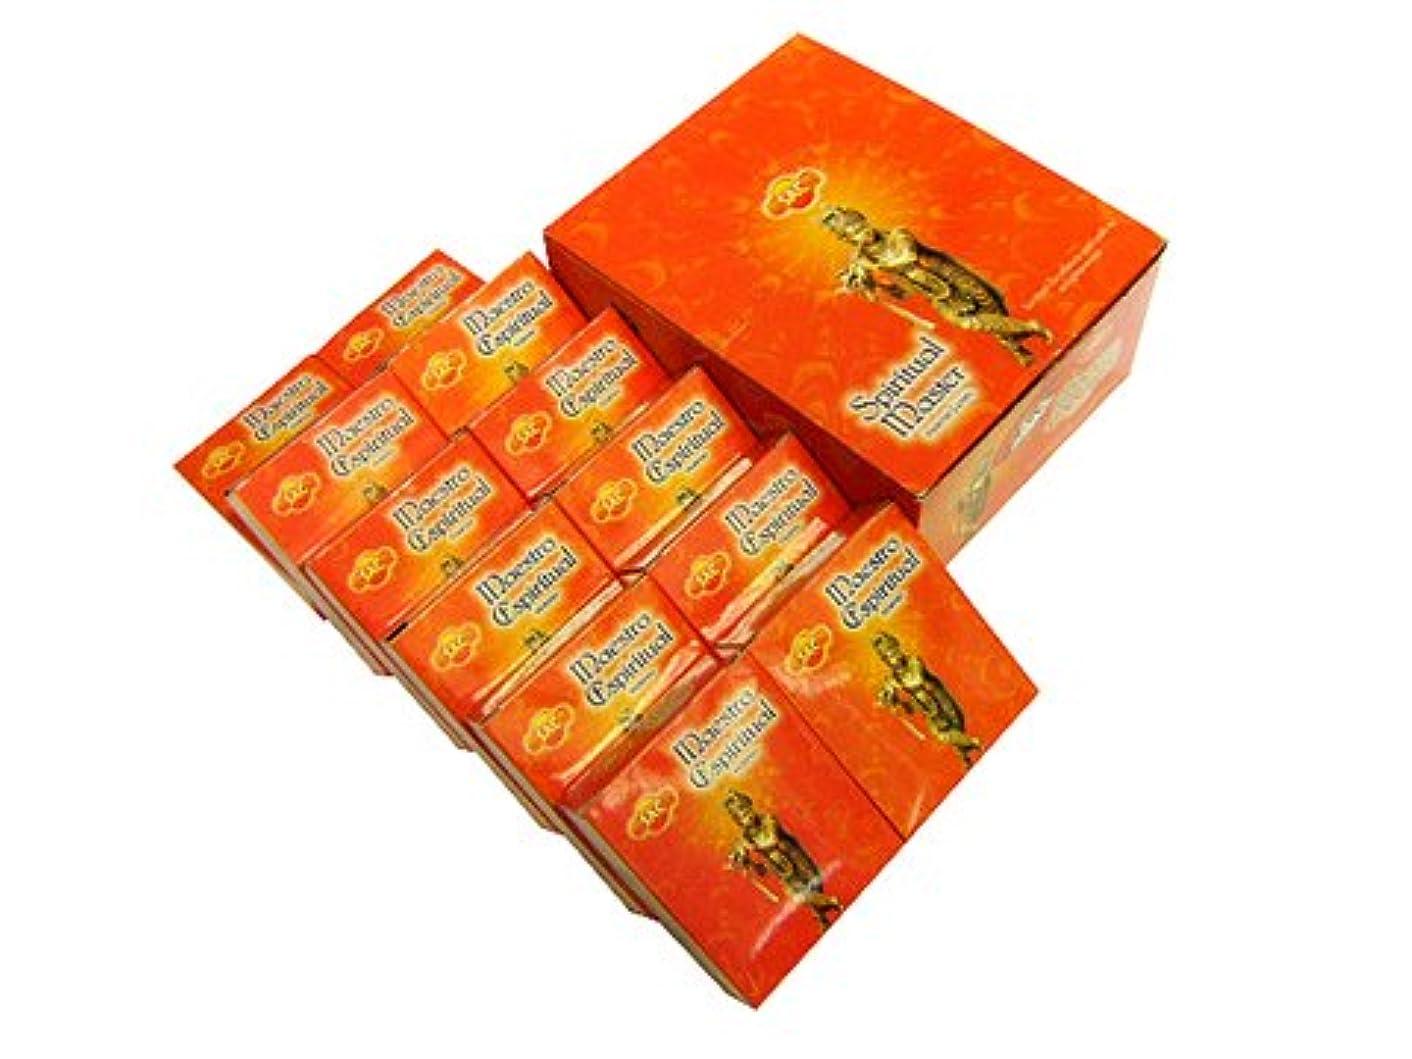 見る輪郭どこにでもSANDESH SAC (サンデッシュ) スピリチュアルマスター香コーンタイプ SPIRITUAL MASTER CORN 12箱セット